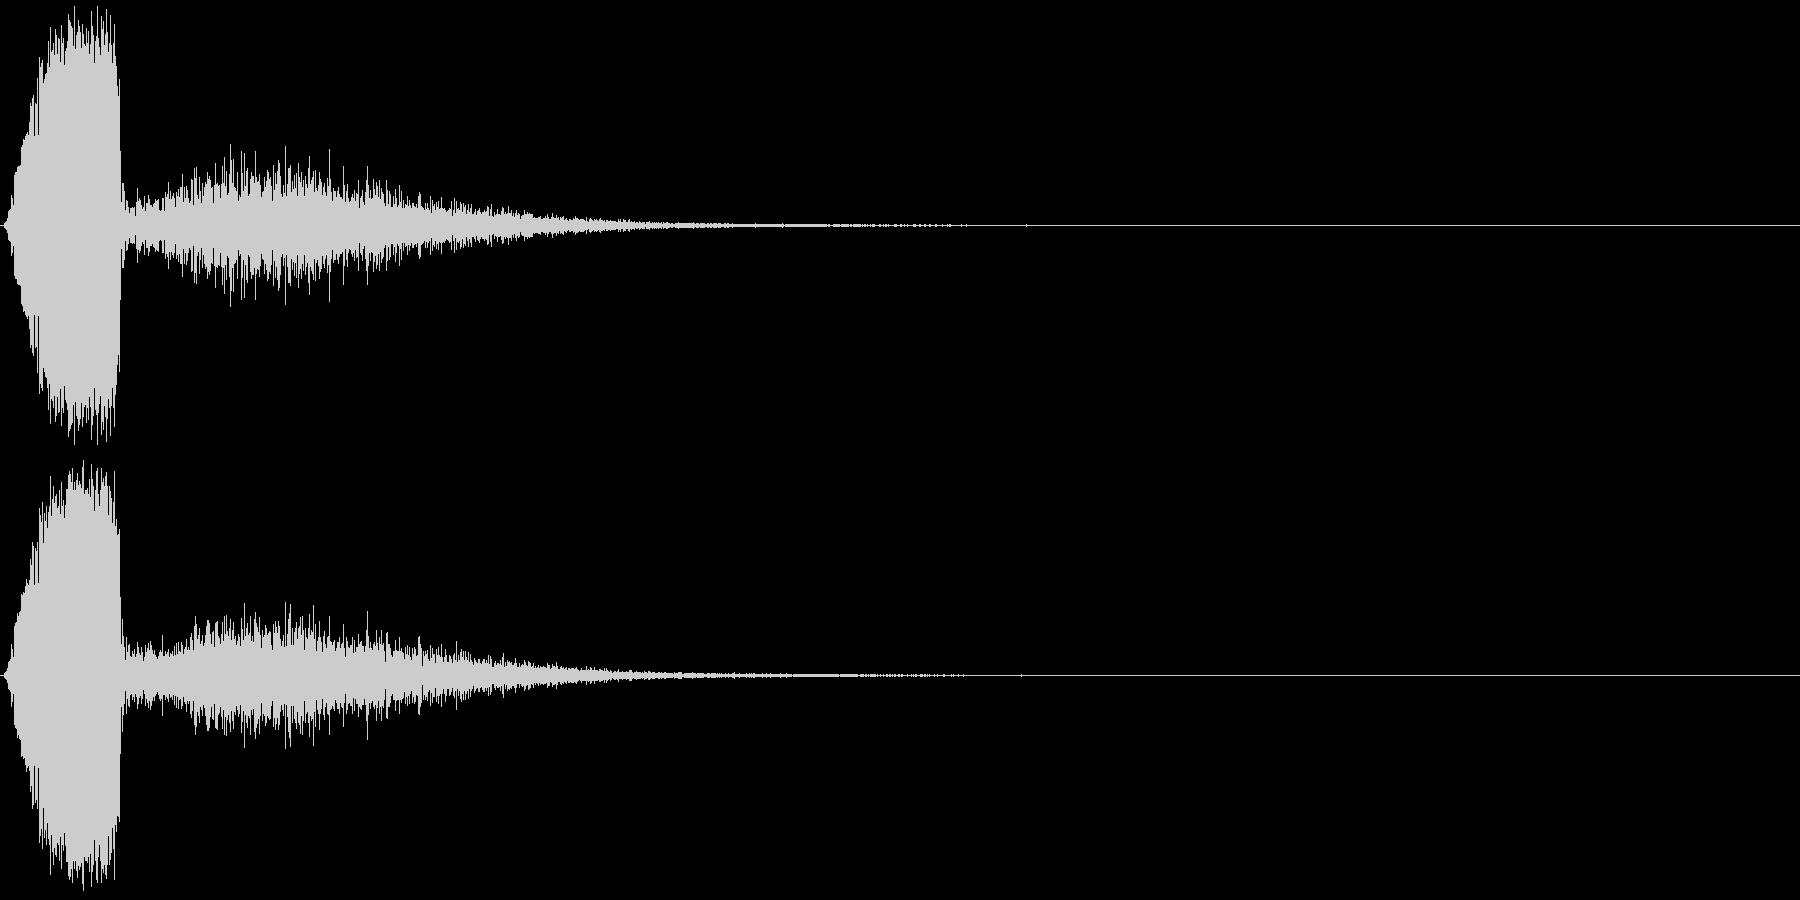 KAKUGE 格闘ゲーム戦闘音 69の未再生の波形